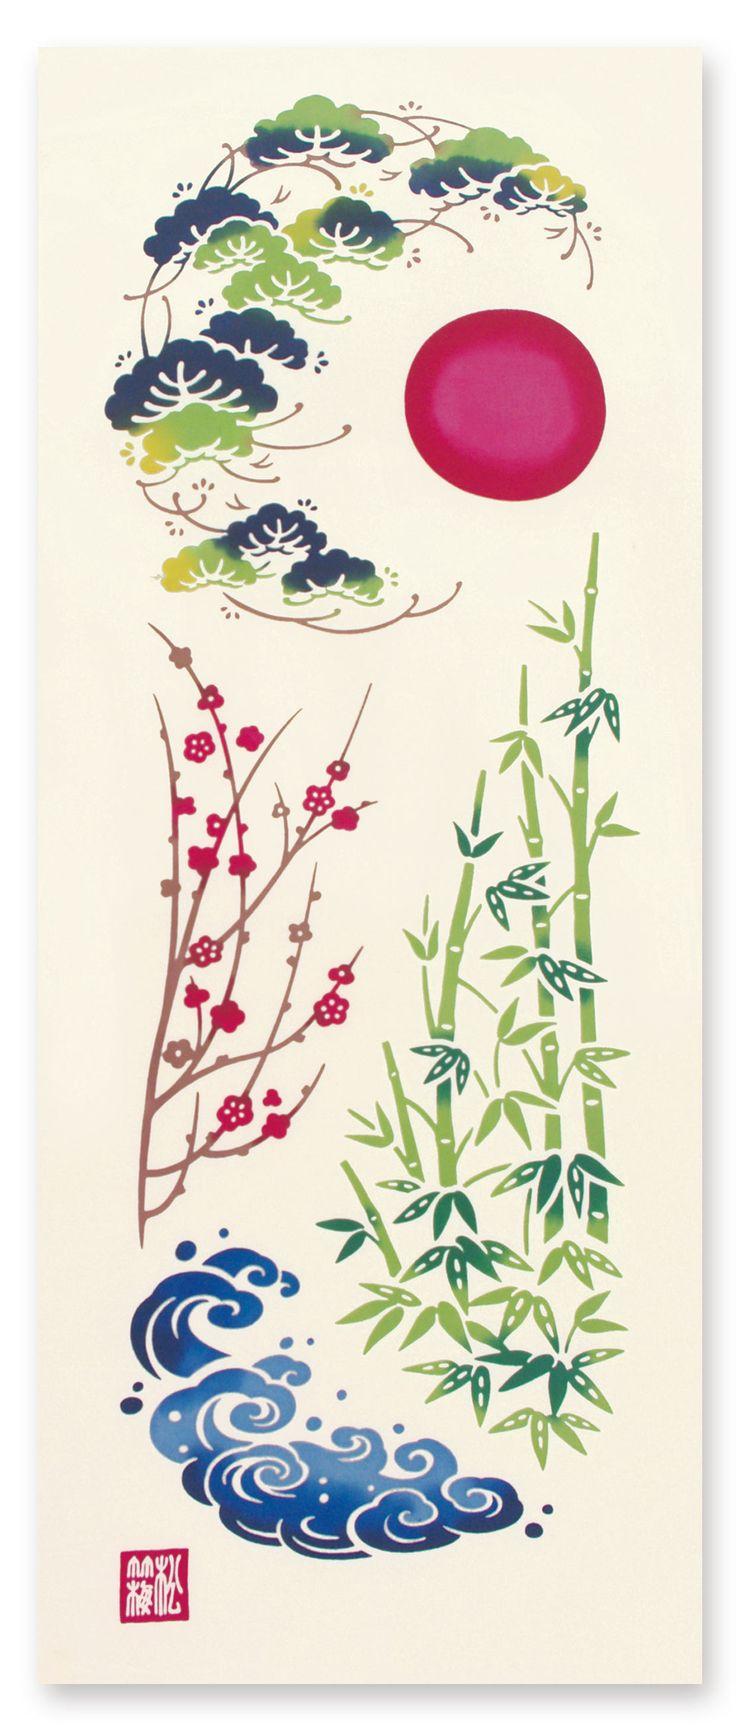 [材 質] 綿100% 〔特岡〕[サイズ] 約 36×90 cm 不老長寿の松、子孫繁栄の竹、 気高さと長寿の梅。 祝いに欠かせない松竹梅に 五穀豊穣の願いも込めて。